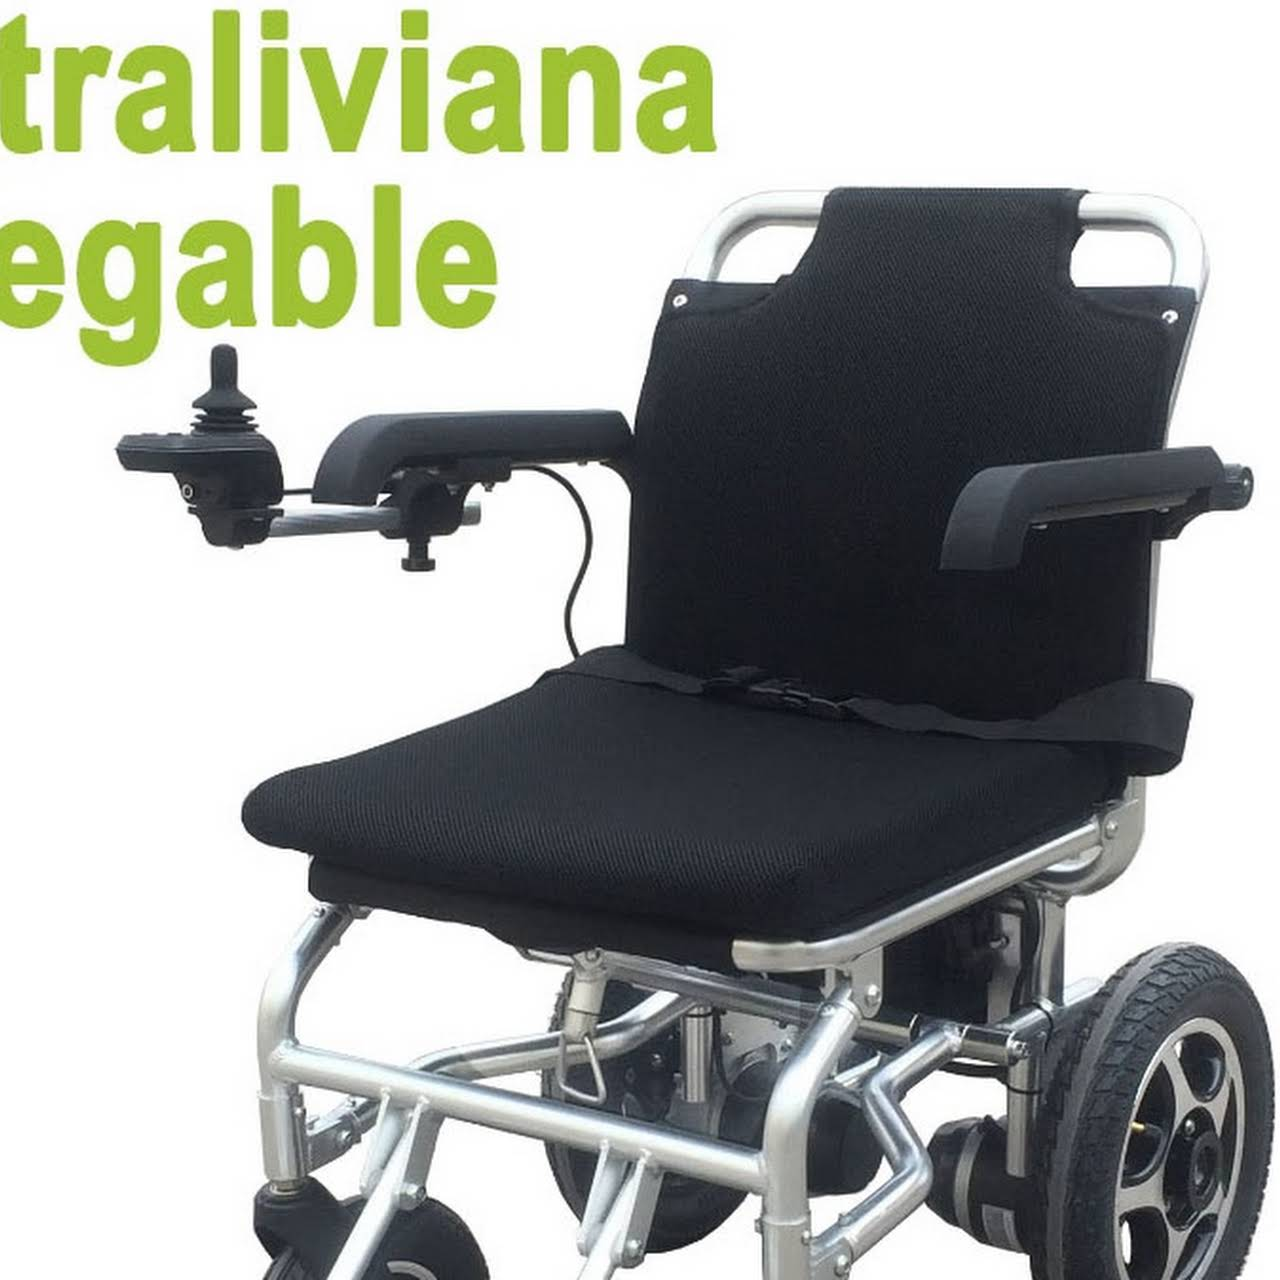 sillas de ruedas precios medellin